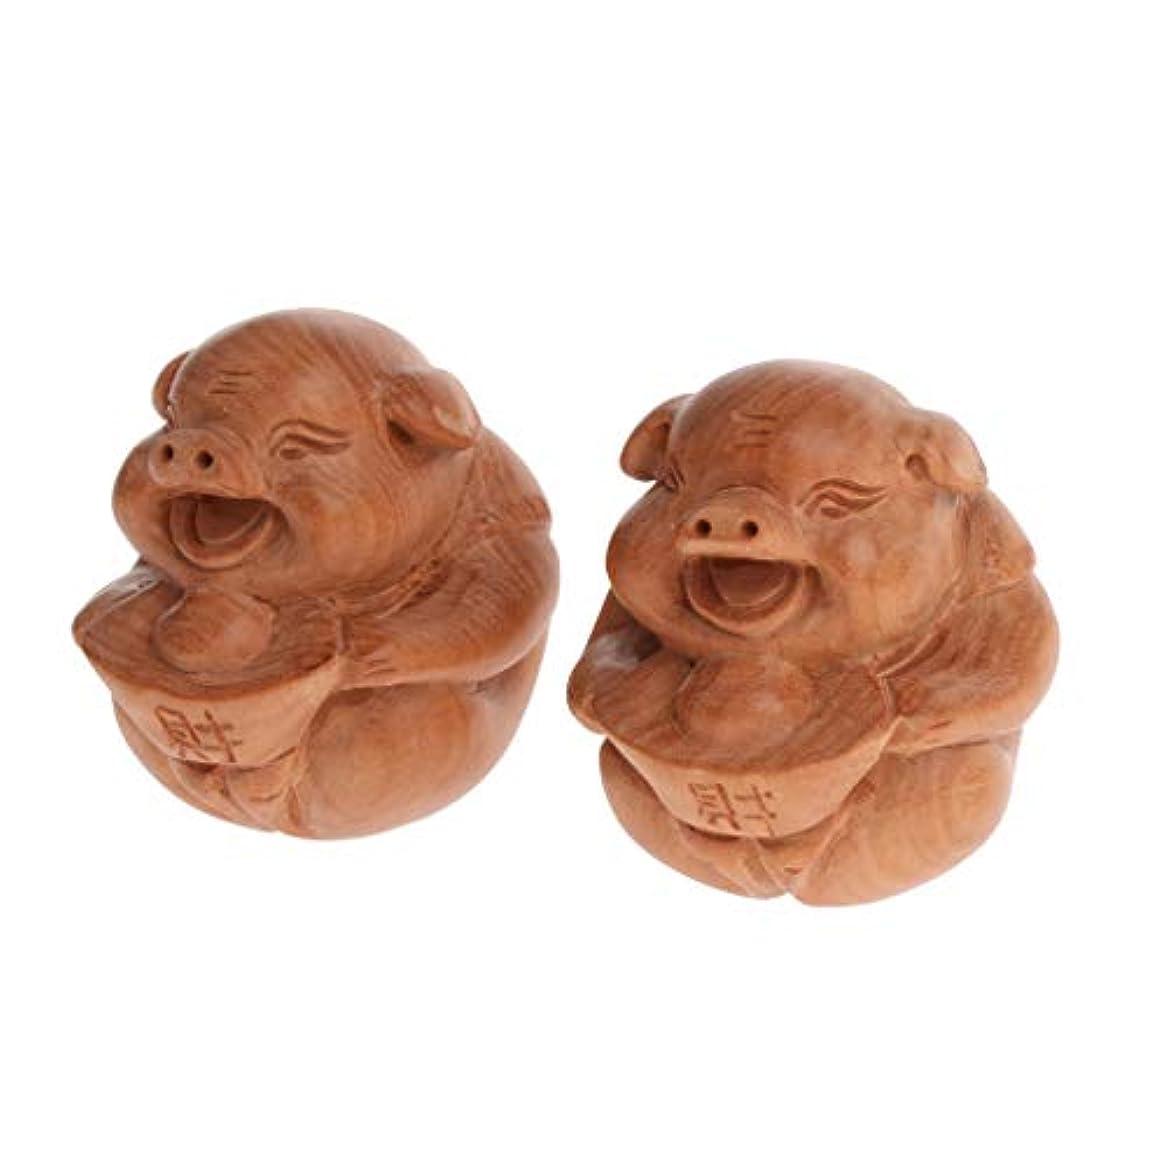 両方キリン透過性Baoblaze 1ペア 木製 マッサージボール 滑り止め リラックス プレゼント